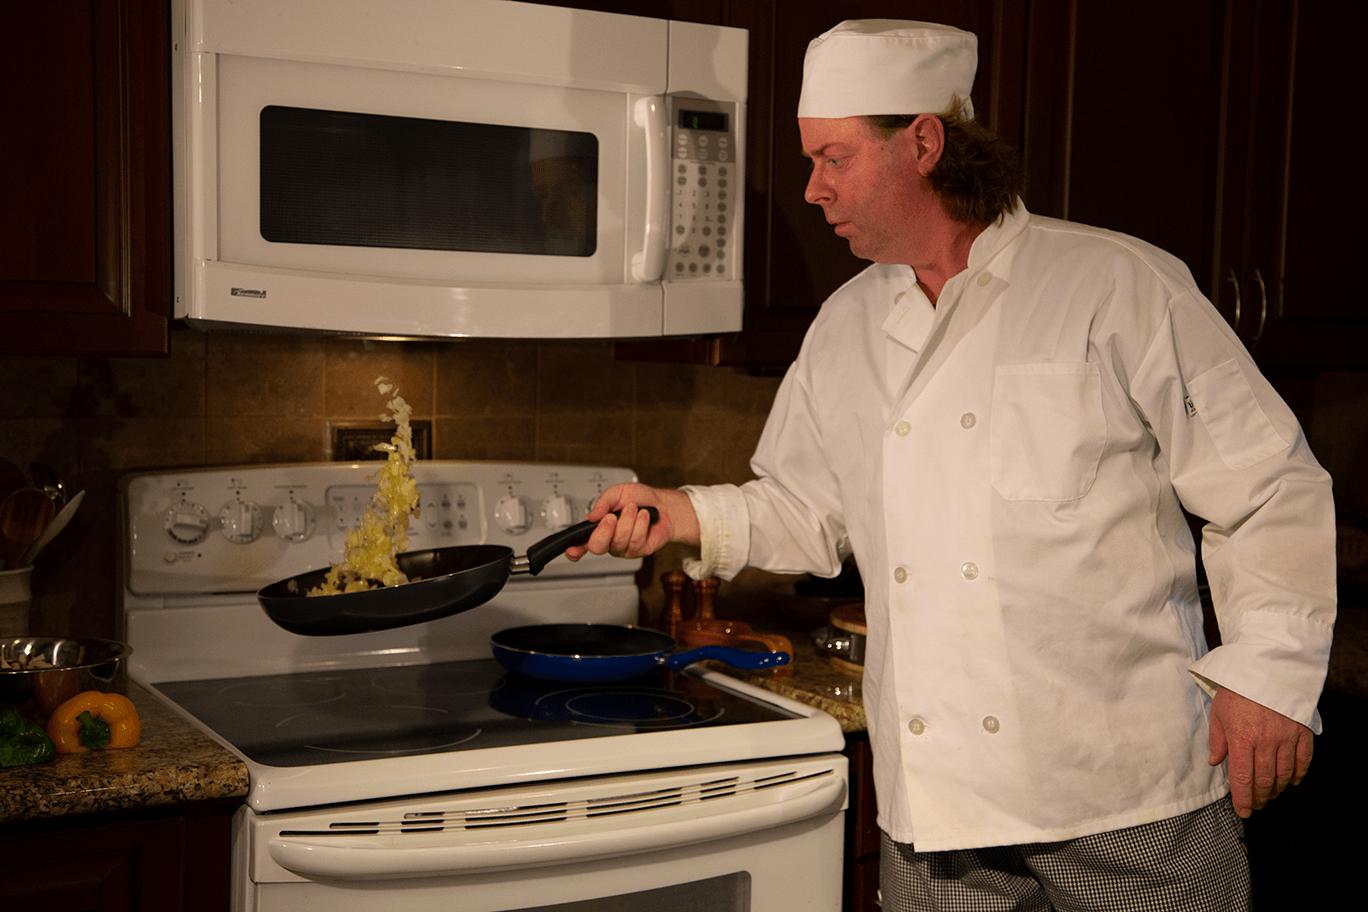 Chef Novak